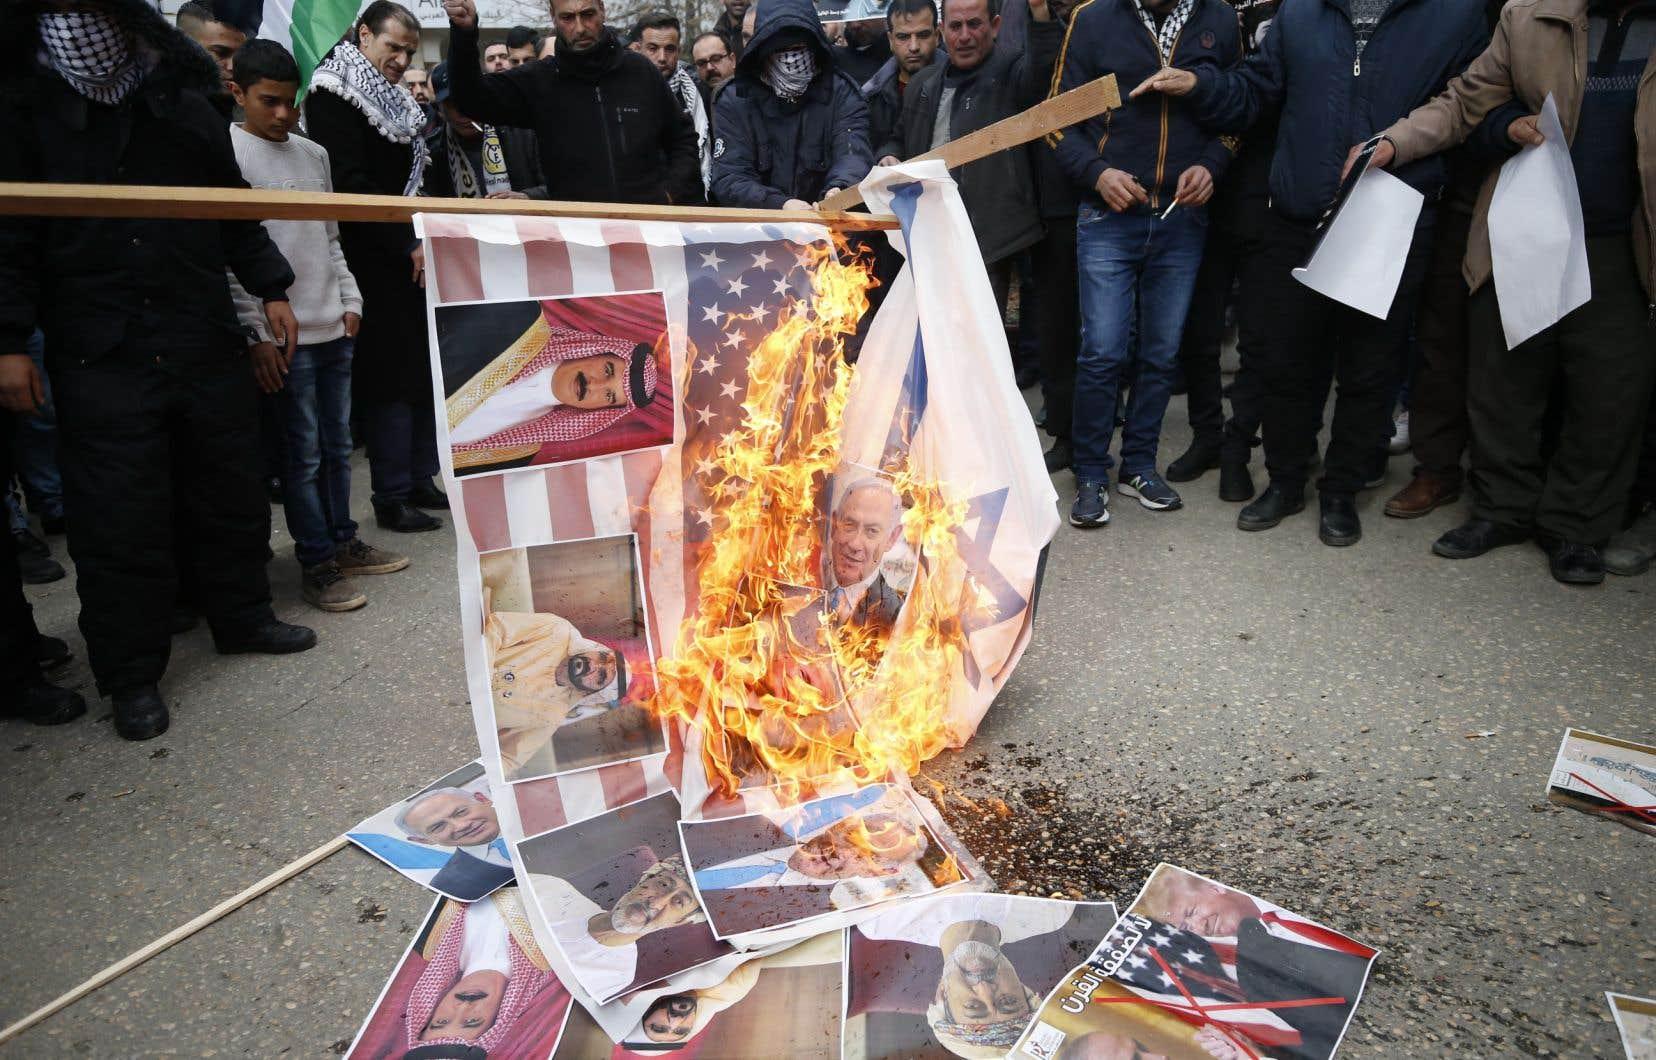 Le plan de paix présenté par Donald Trump a reçu un accueil très hostile de la part des Palestiniens.